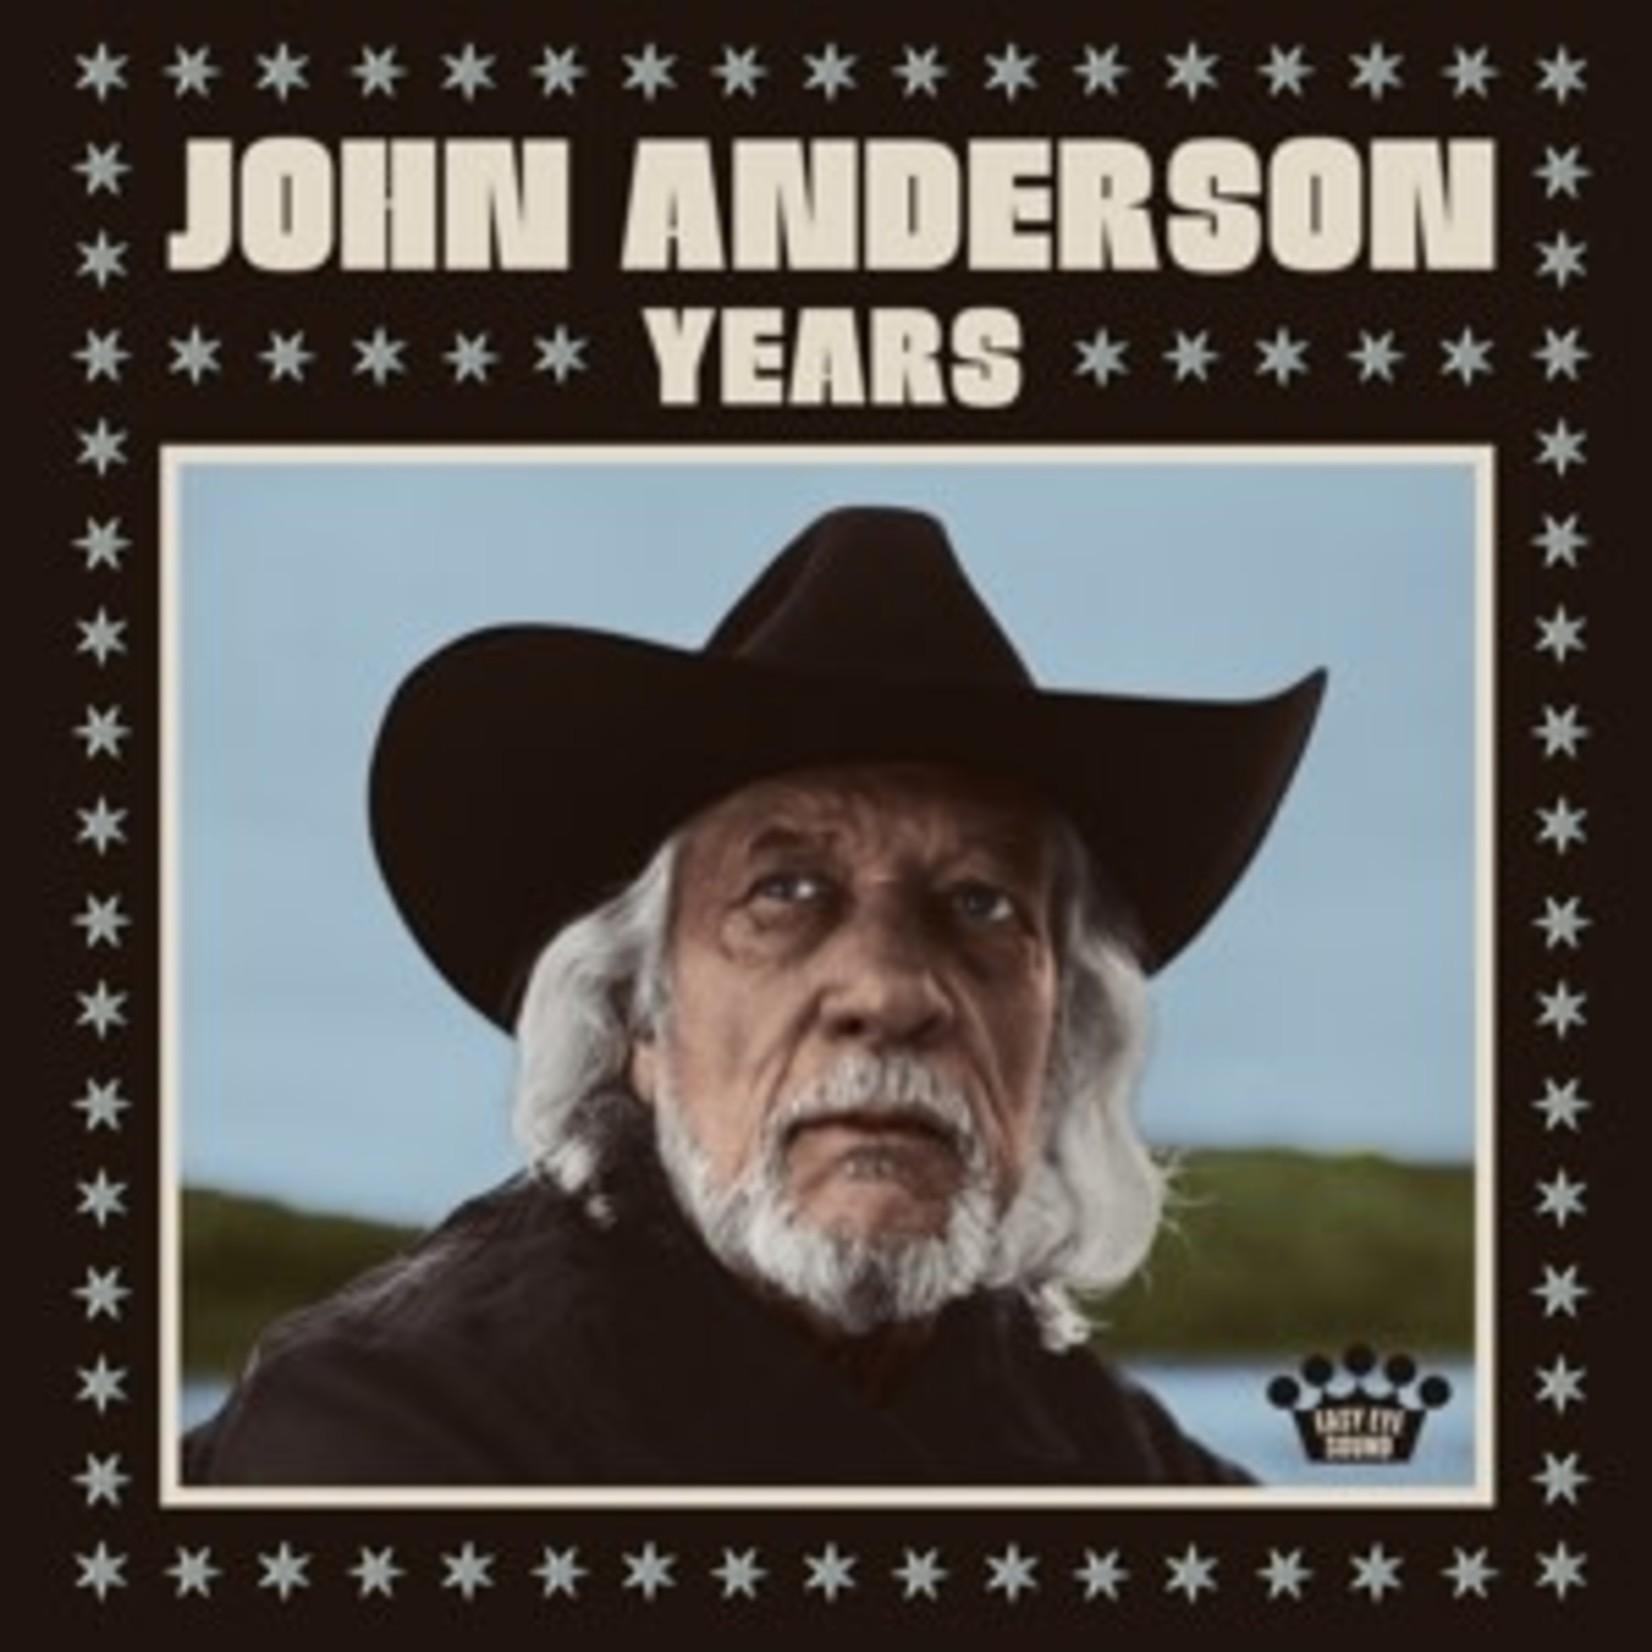 ANDERSON_ JOHN  - Years   (VINYL)